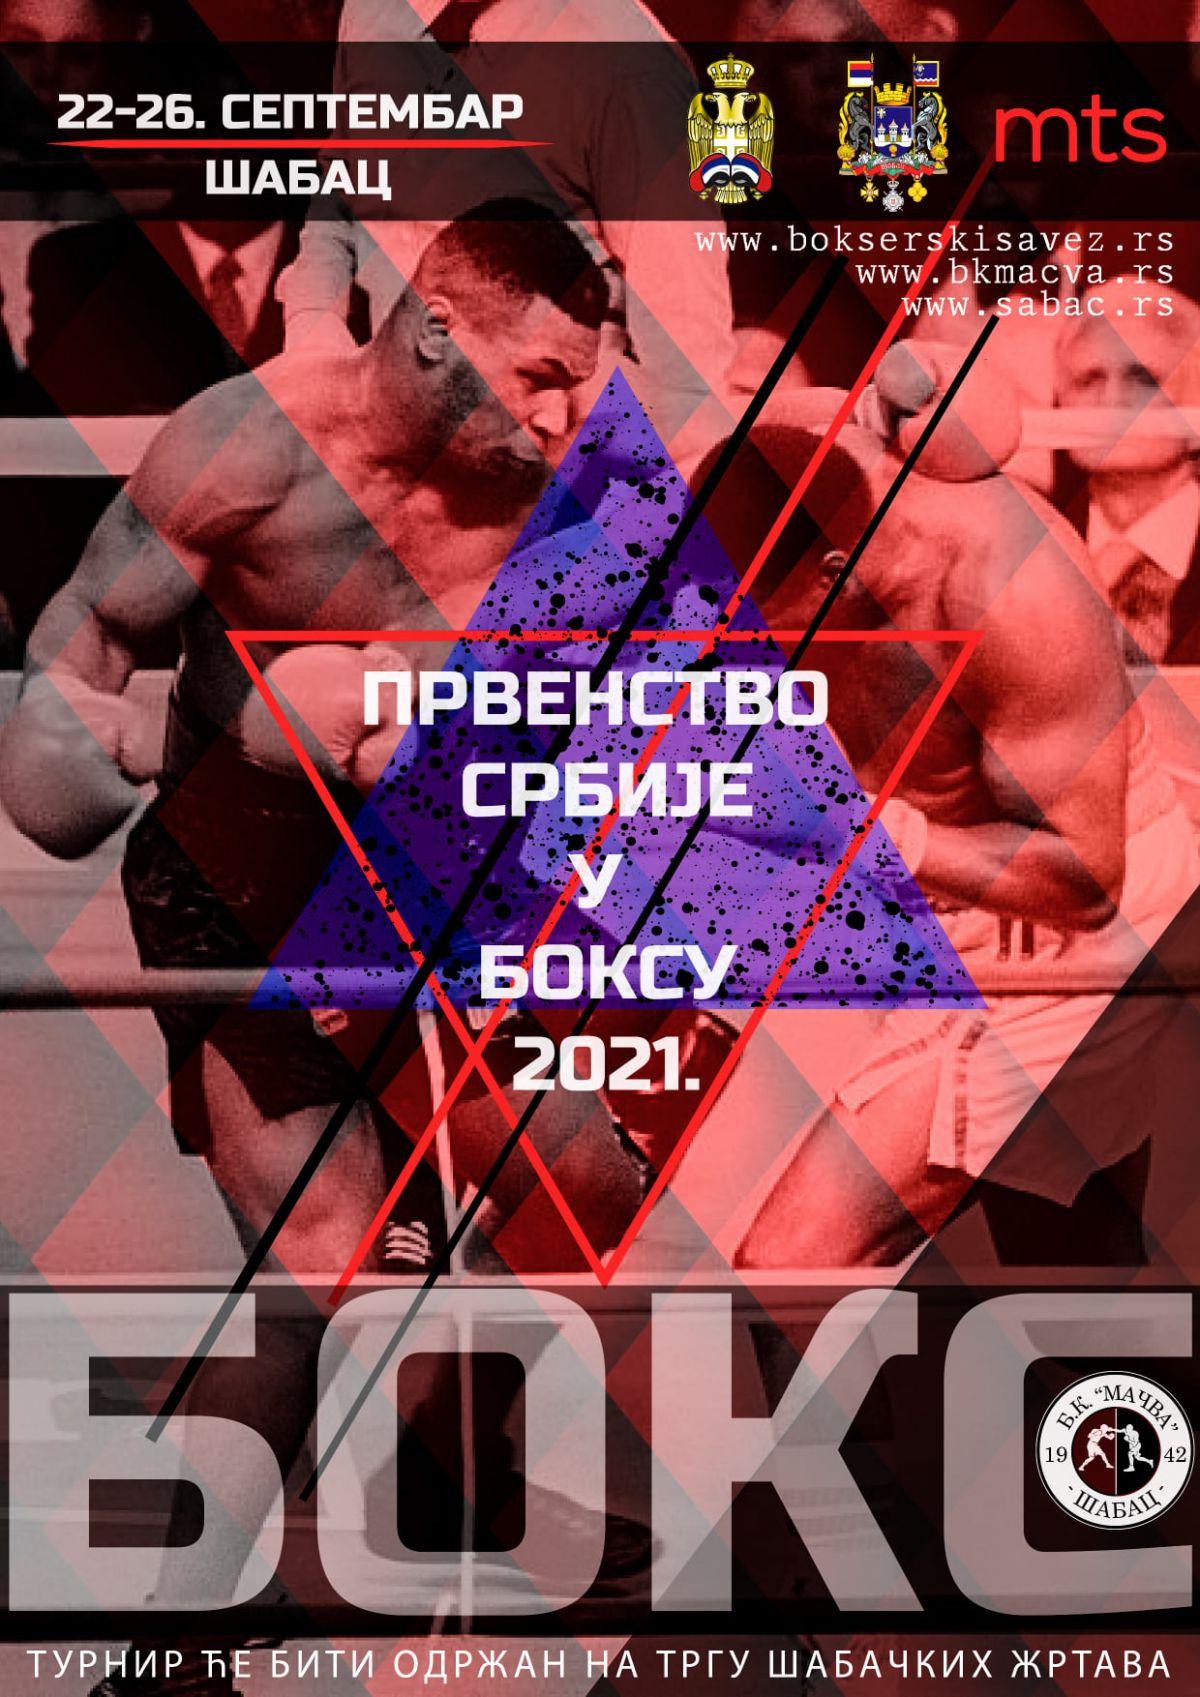 Сутра у Шапцу почиње Првенство Србије у боксу